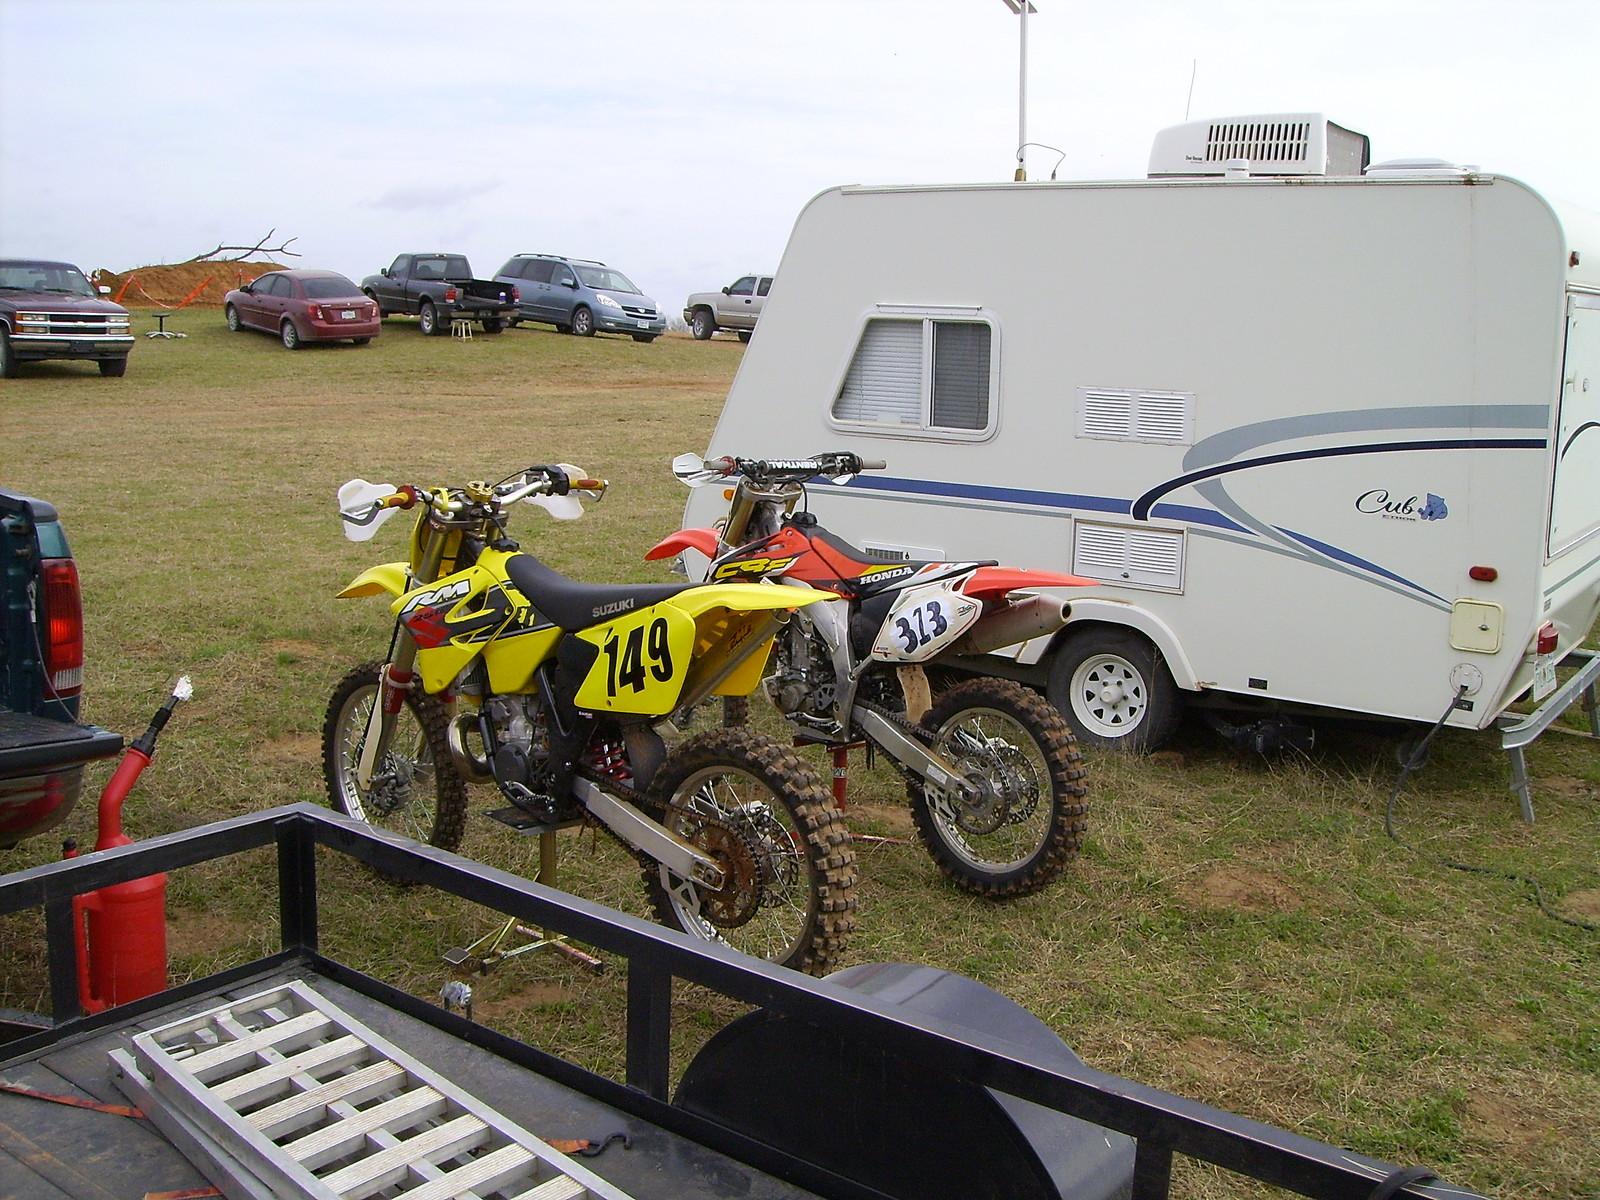 Rush Springs Race 07 - Slim Bill - Motocross Pictures - Vital MX